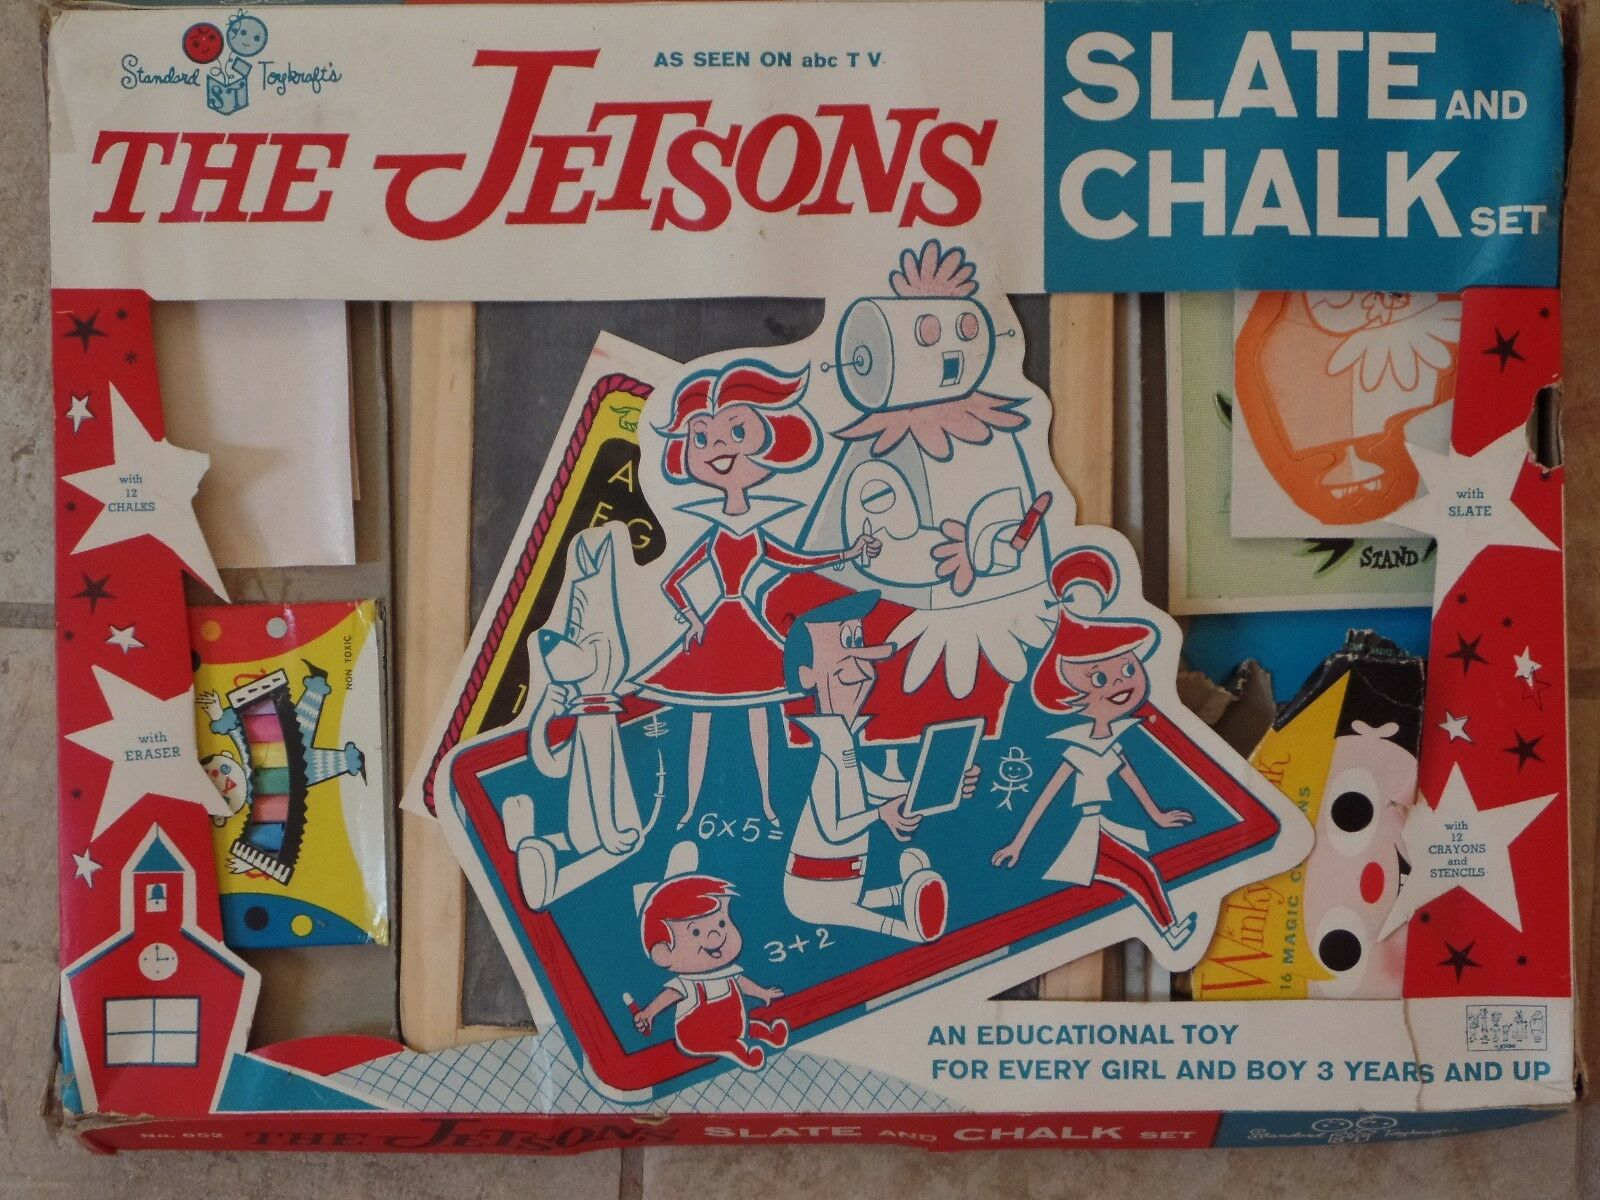 tienda de venta El conjunto conjunto conjunto de los súpersónicos pizarra y tiza por Juguetekrafts 1964 estándar  Ahorre hasta un 70% de descuento.